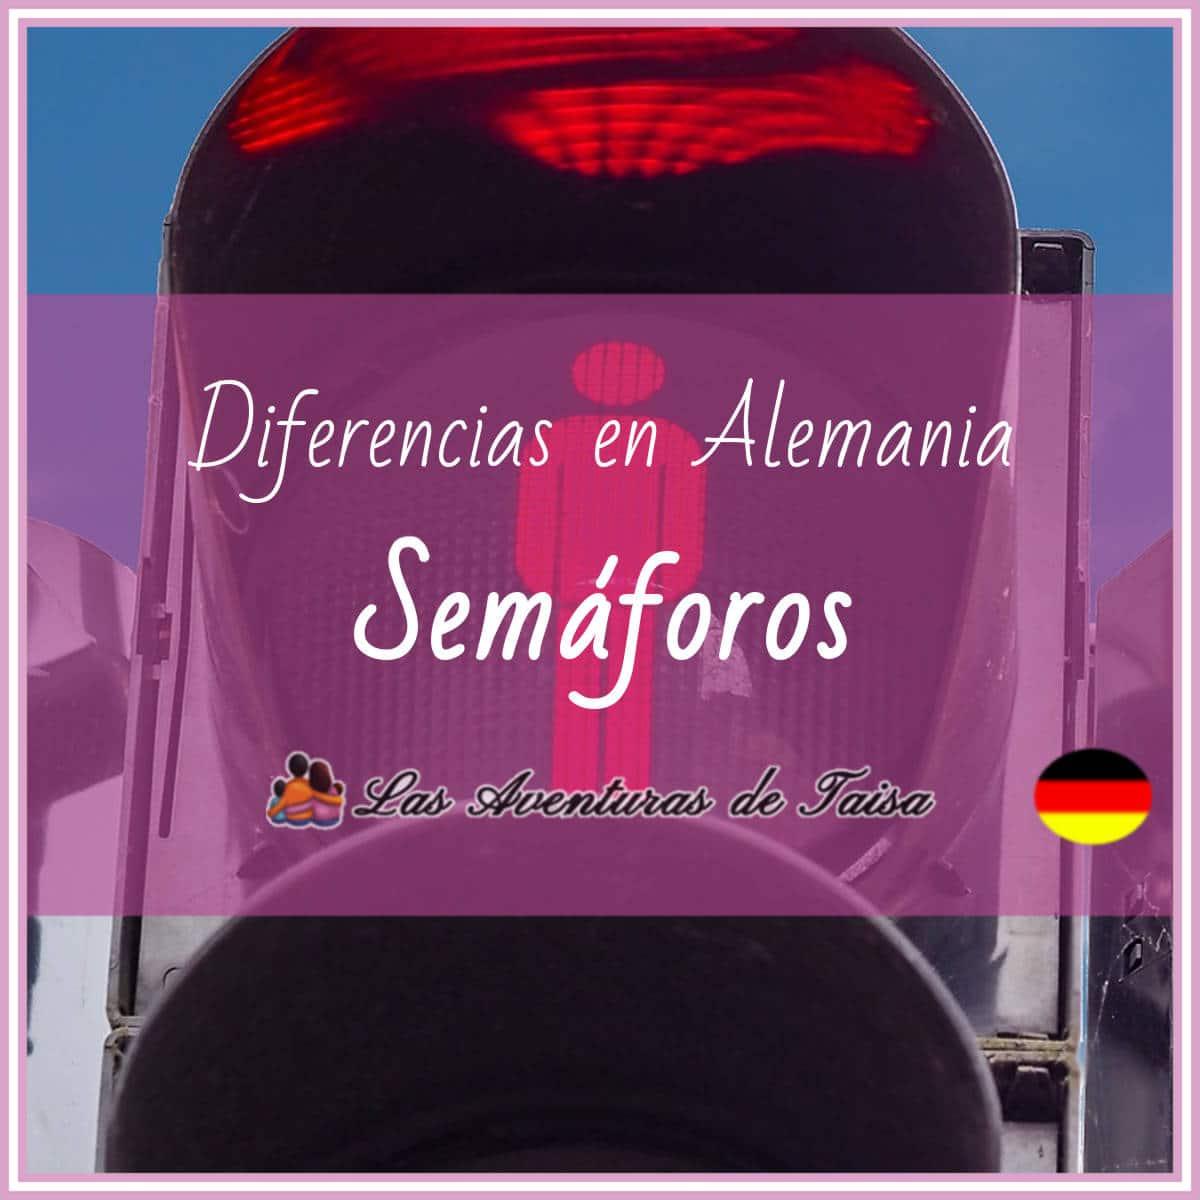 Los semáforos en Alemania (Diferencias Nº 17)